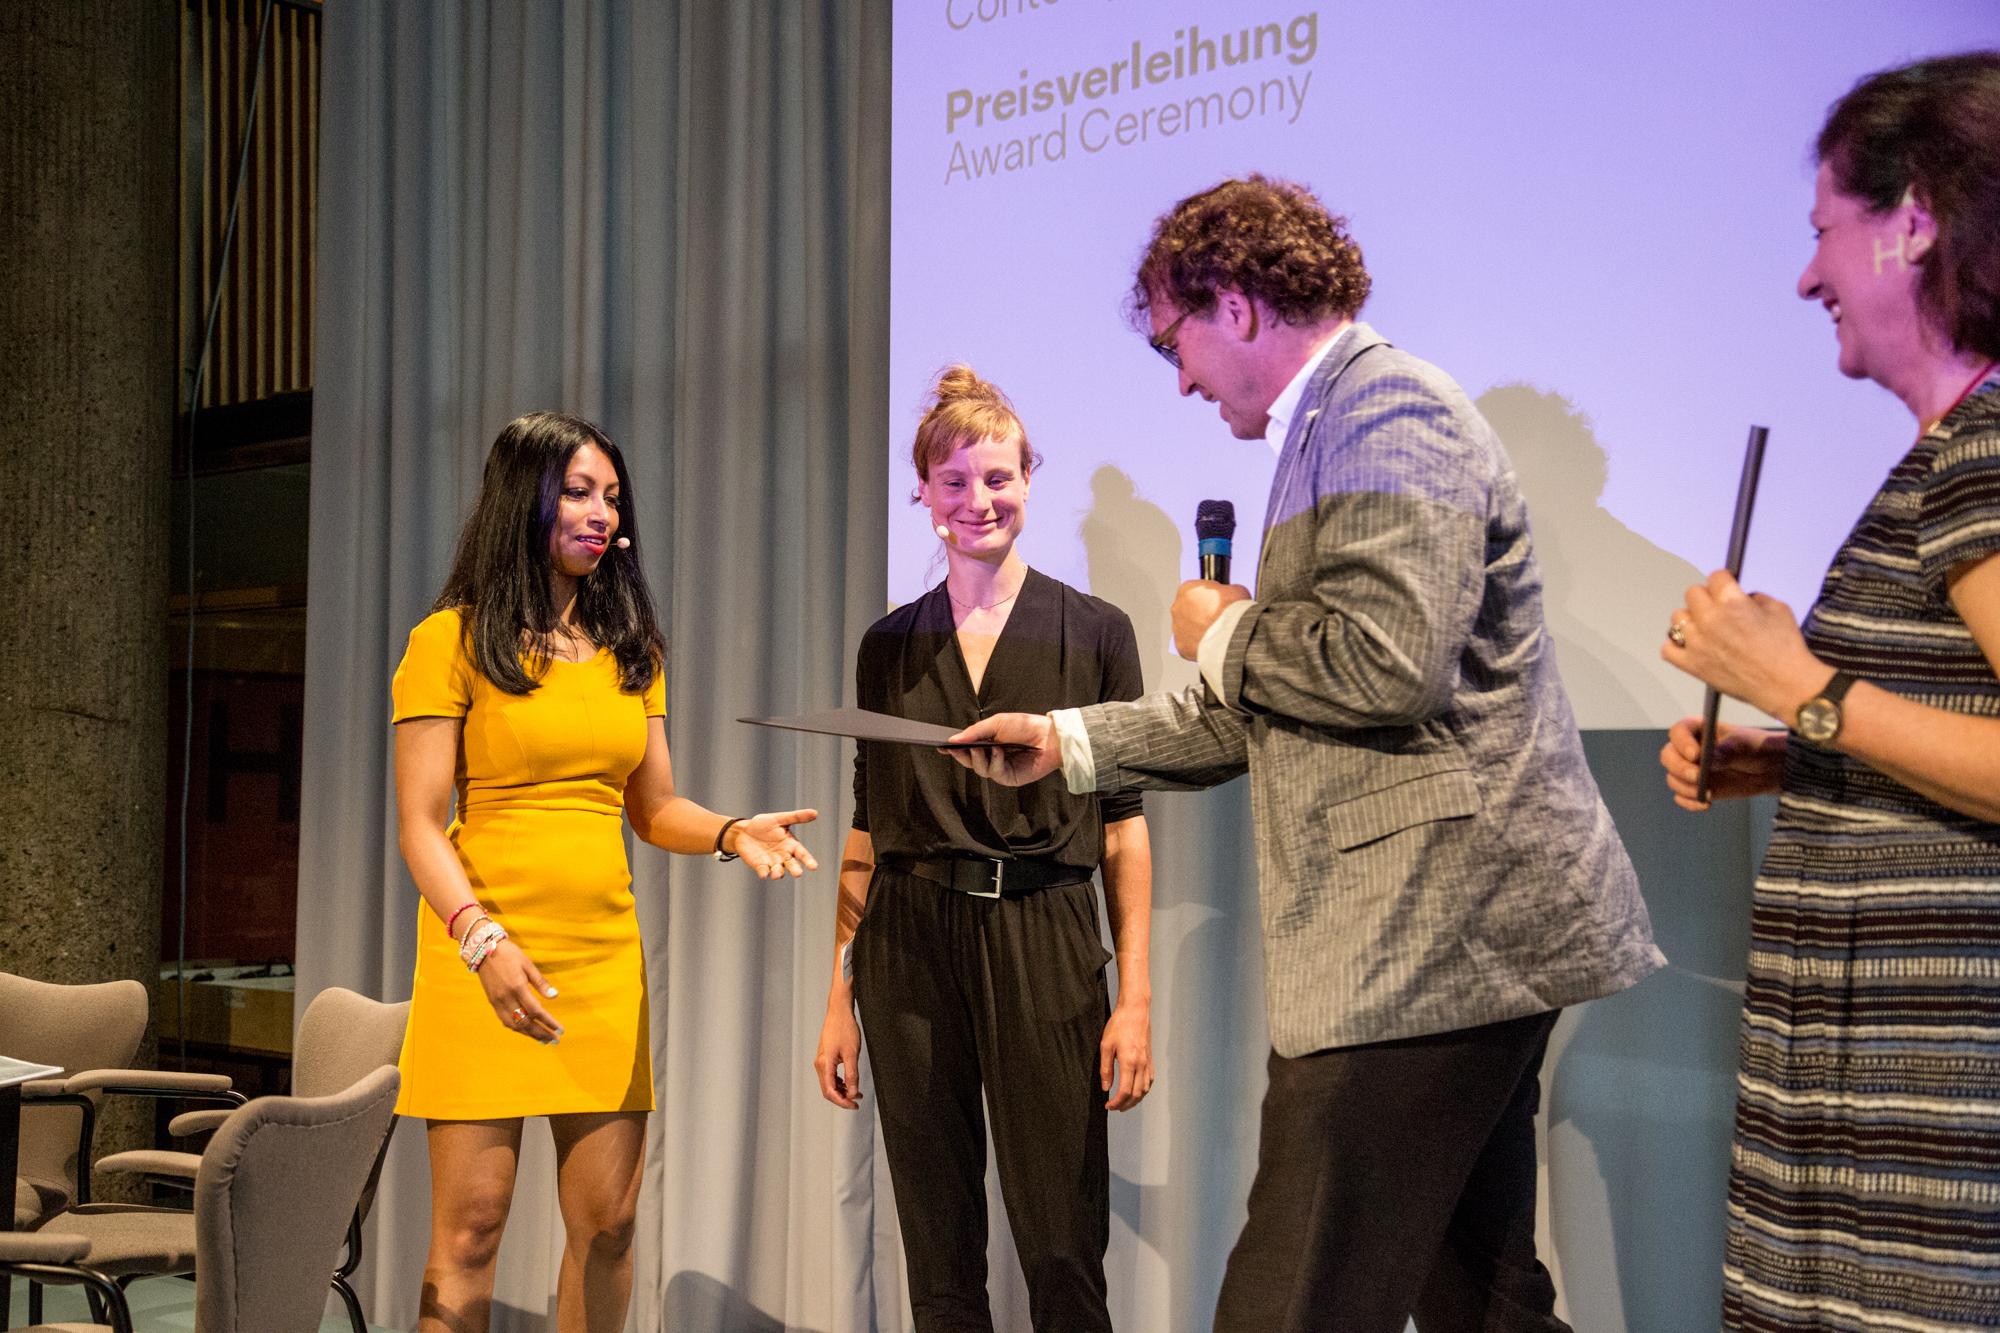 """Presiübergabe durch Intendant Bernd Scherer an Shumona Sinha & Lena Müller für """"Erschlagt die Armen!"""" Foto: Katy Otto"""